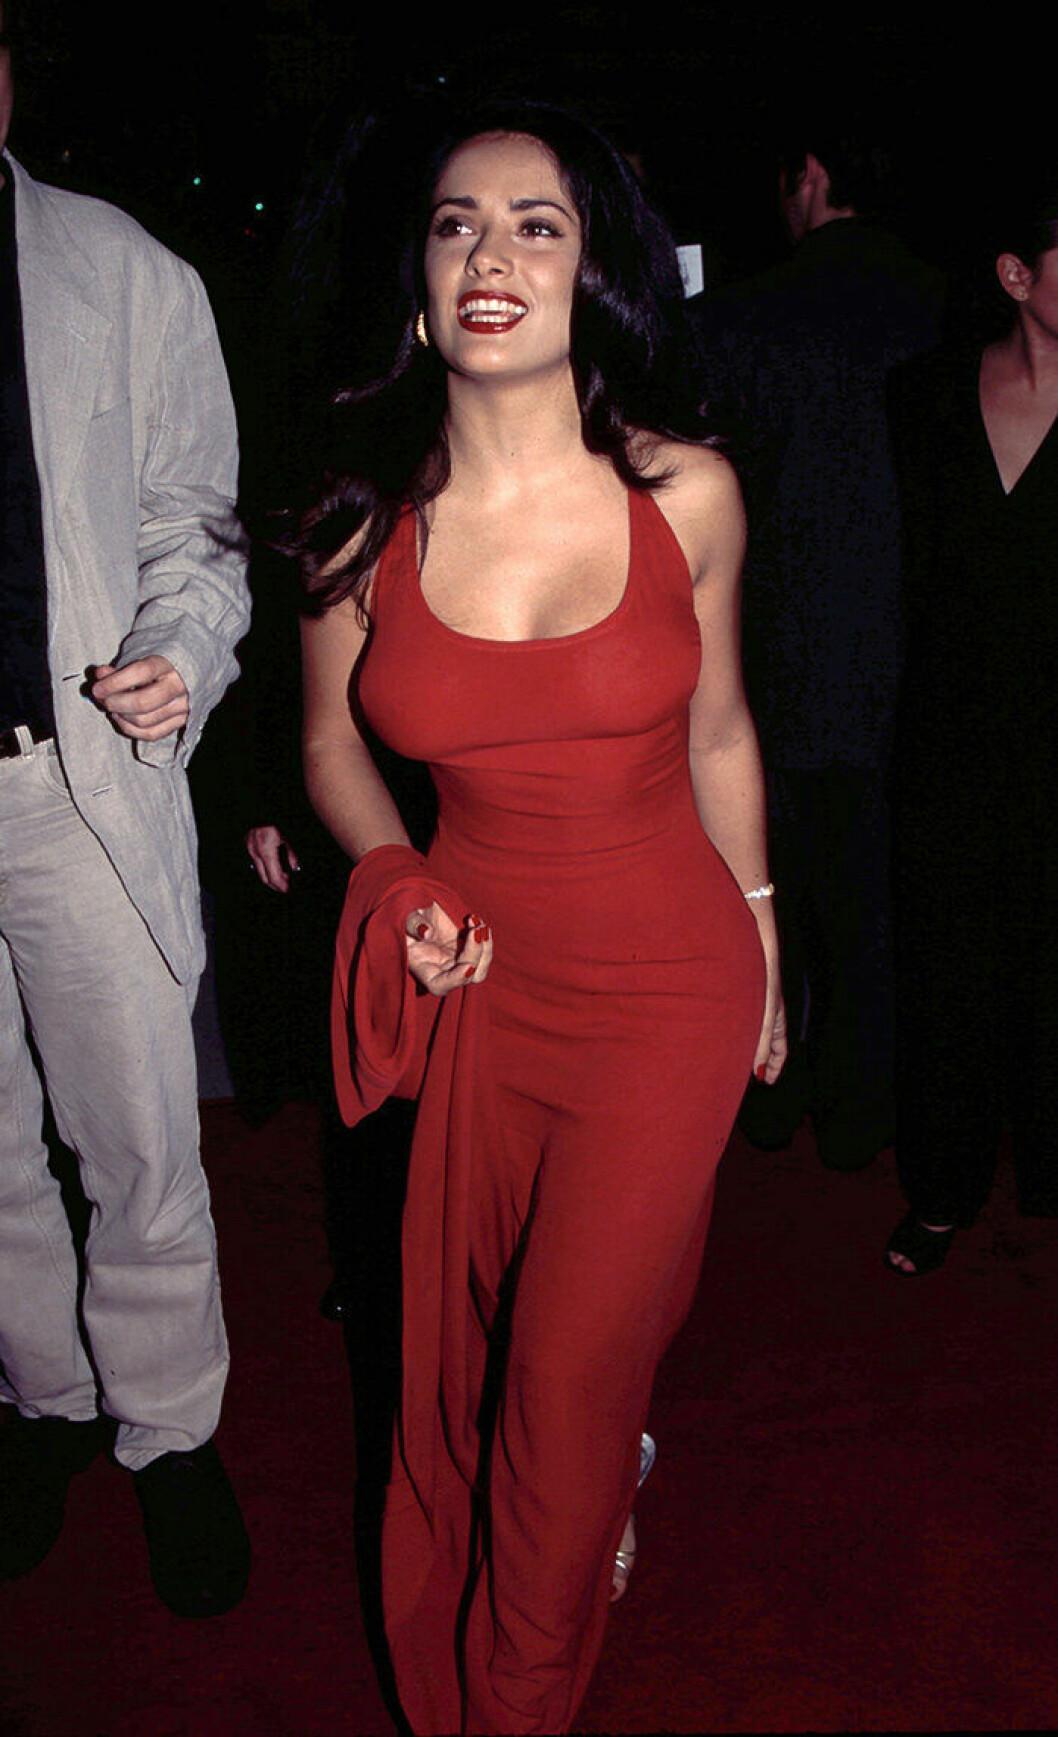 En bild på skådespelerskan Salma Hayek på premiären av Desperado 1995.